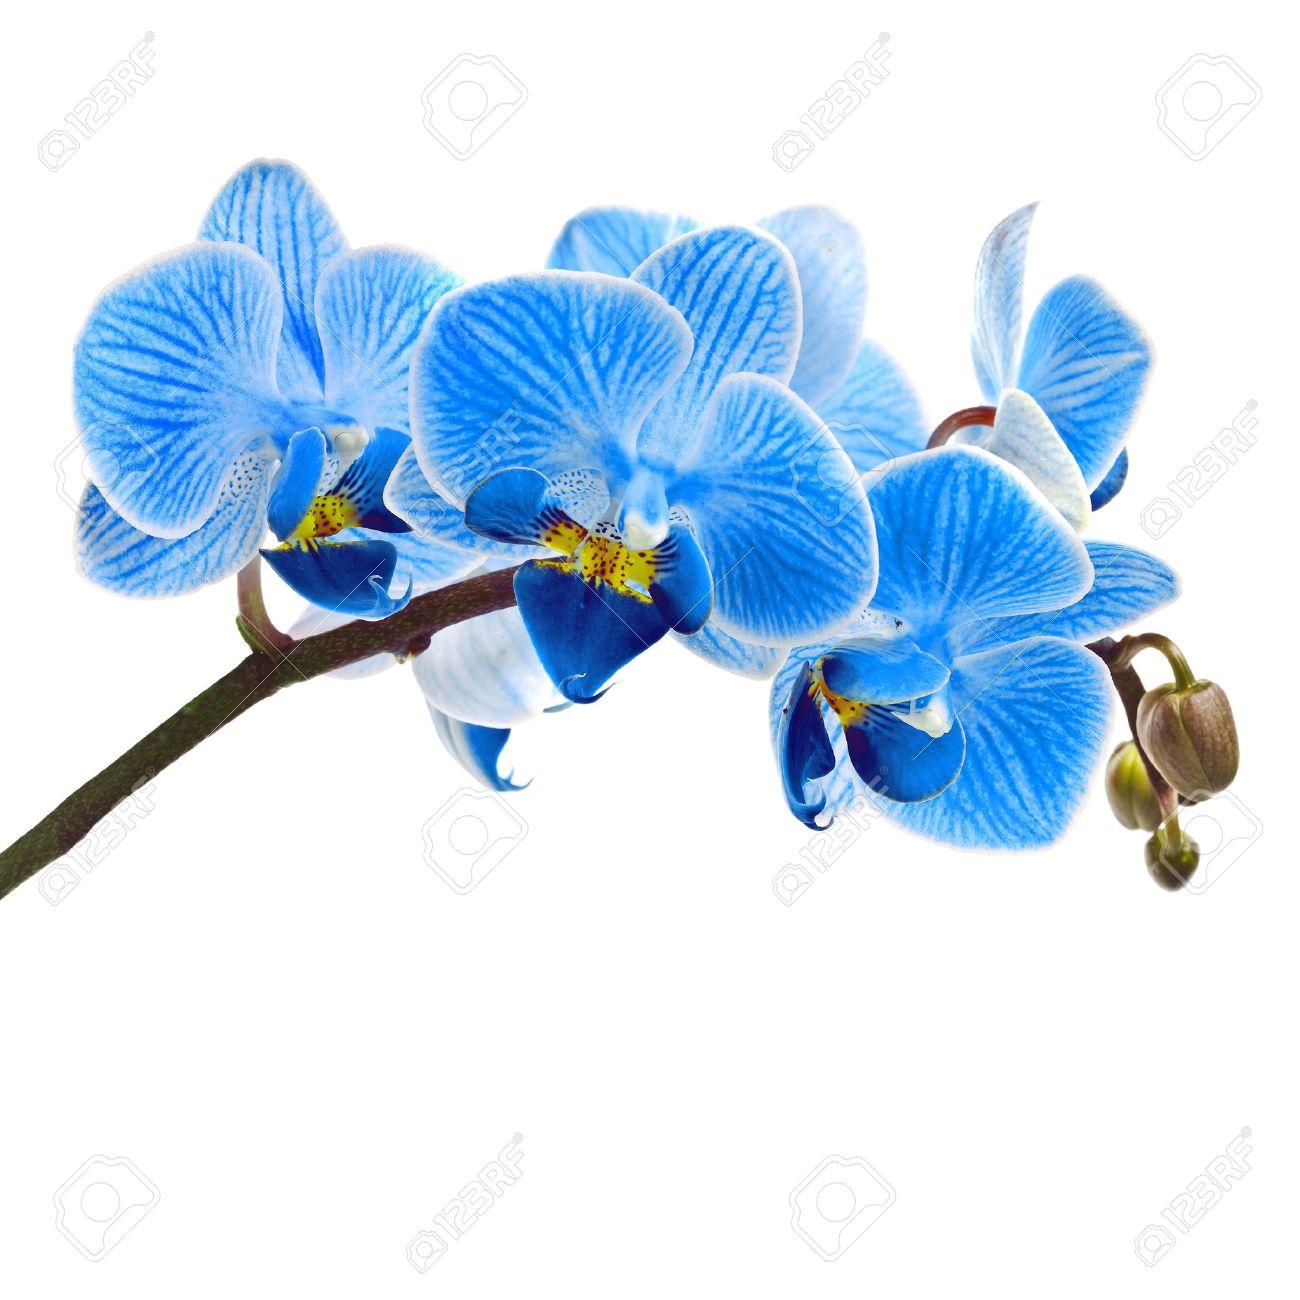 Foto de archivo , Hermosa flor de la orquídea, phalaenopsis azul cerca de aislados sobre fondo blanco